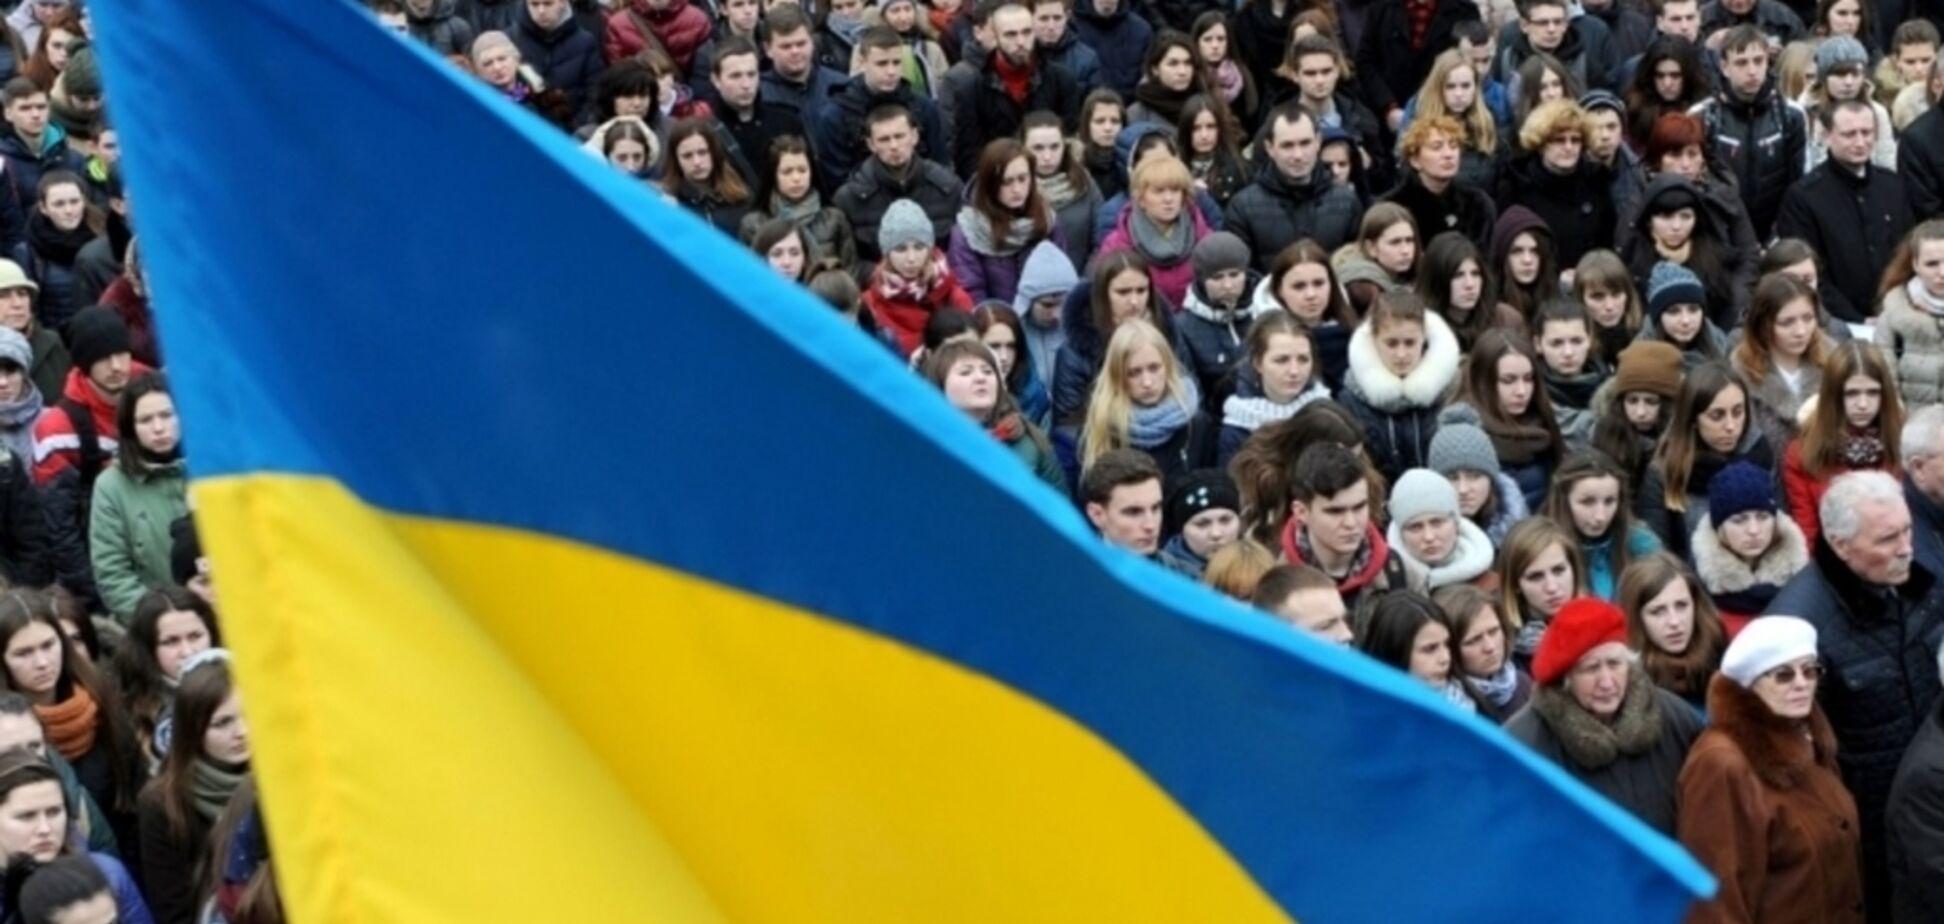 Подсчитано население Украины: обнародованы печальные данные